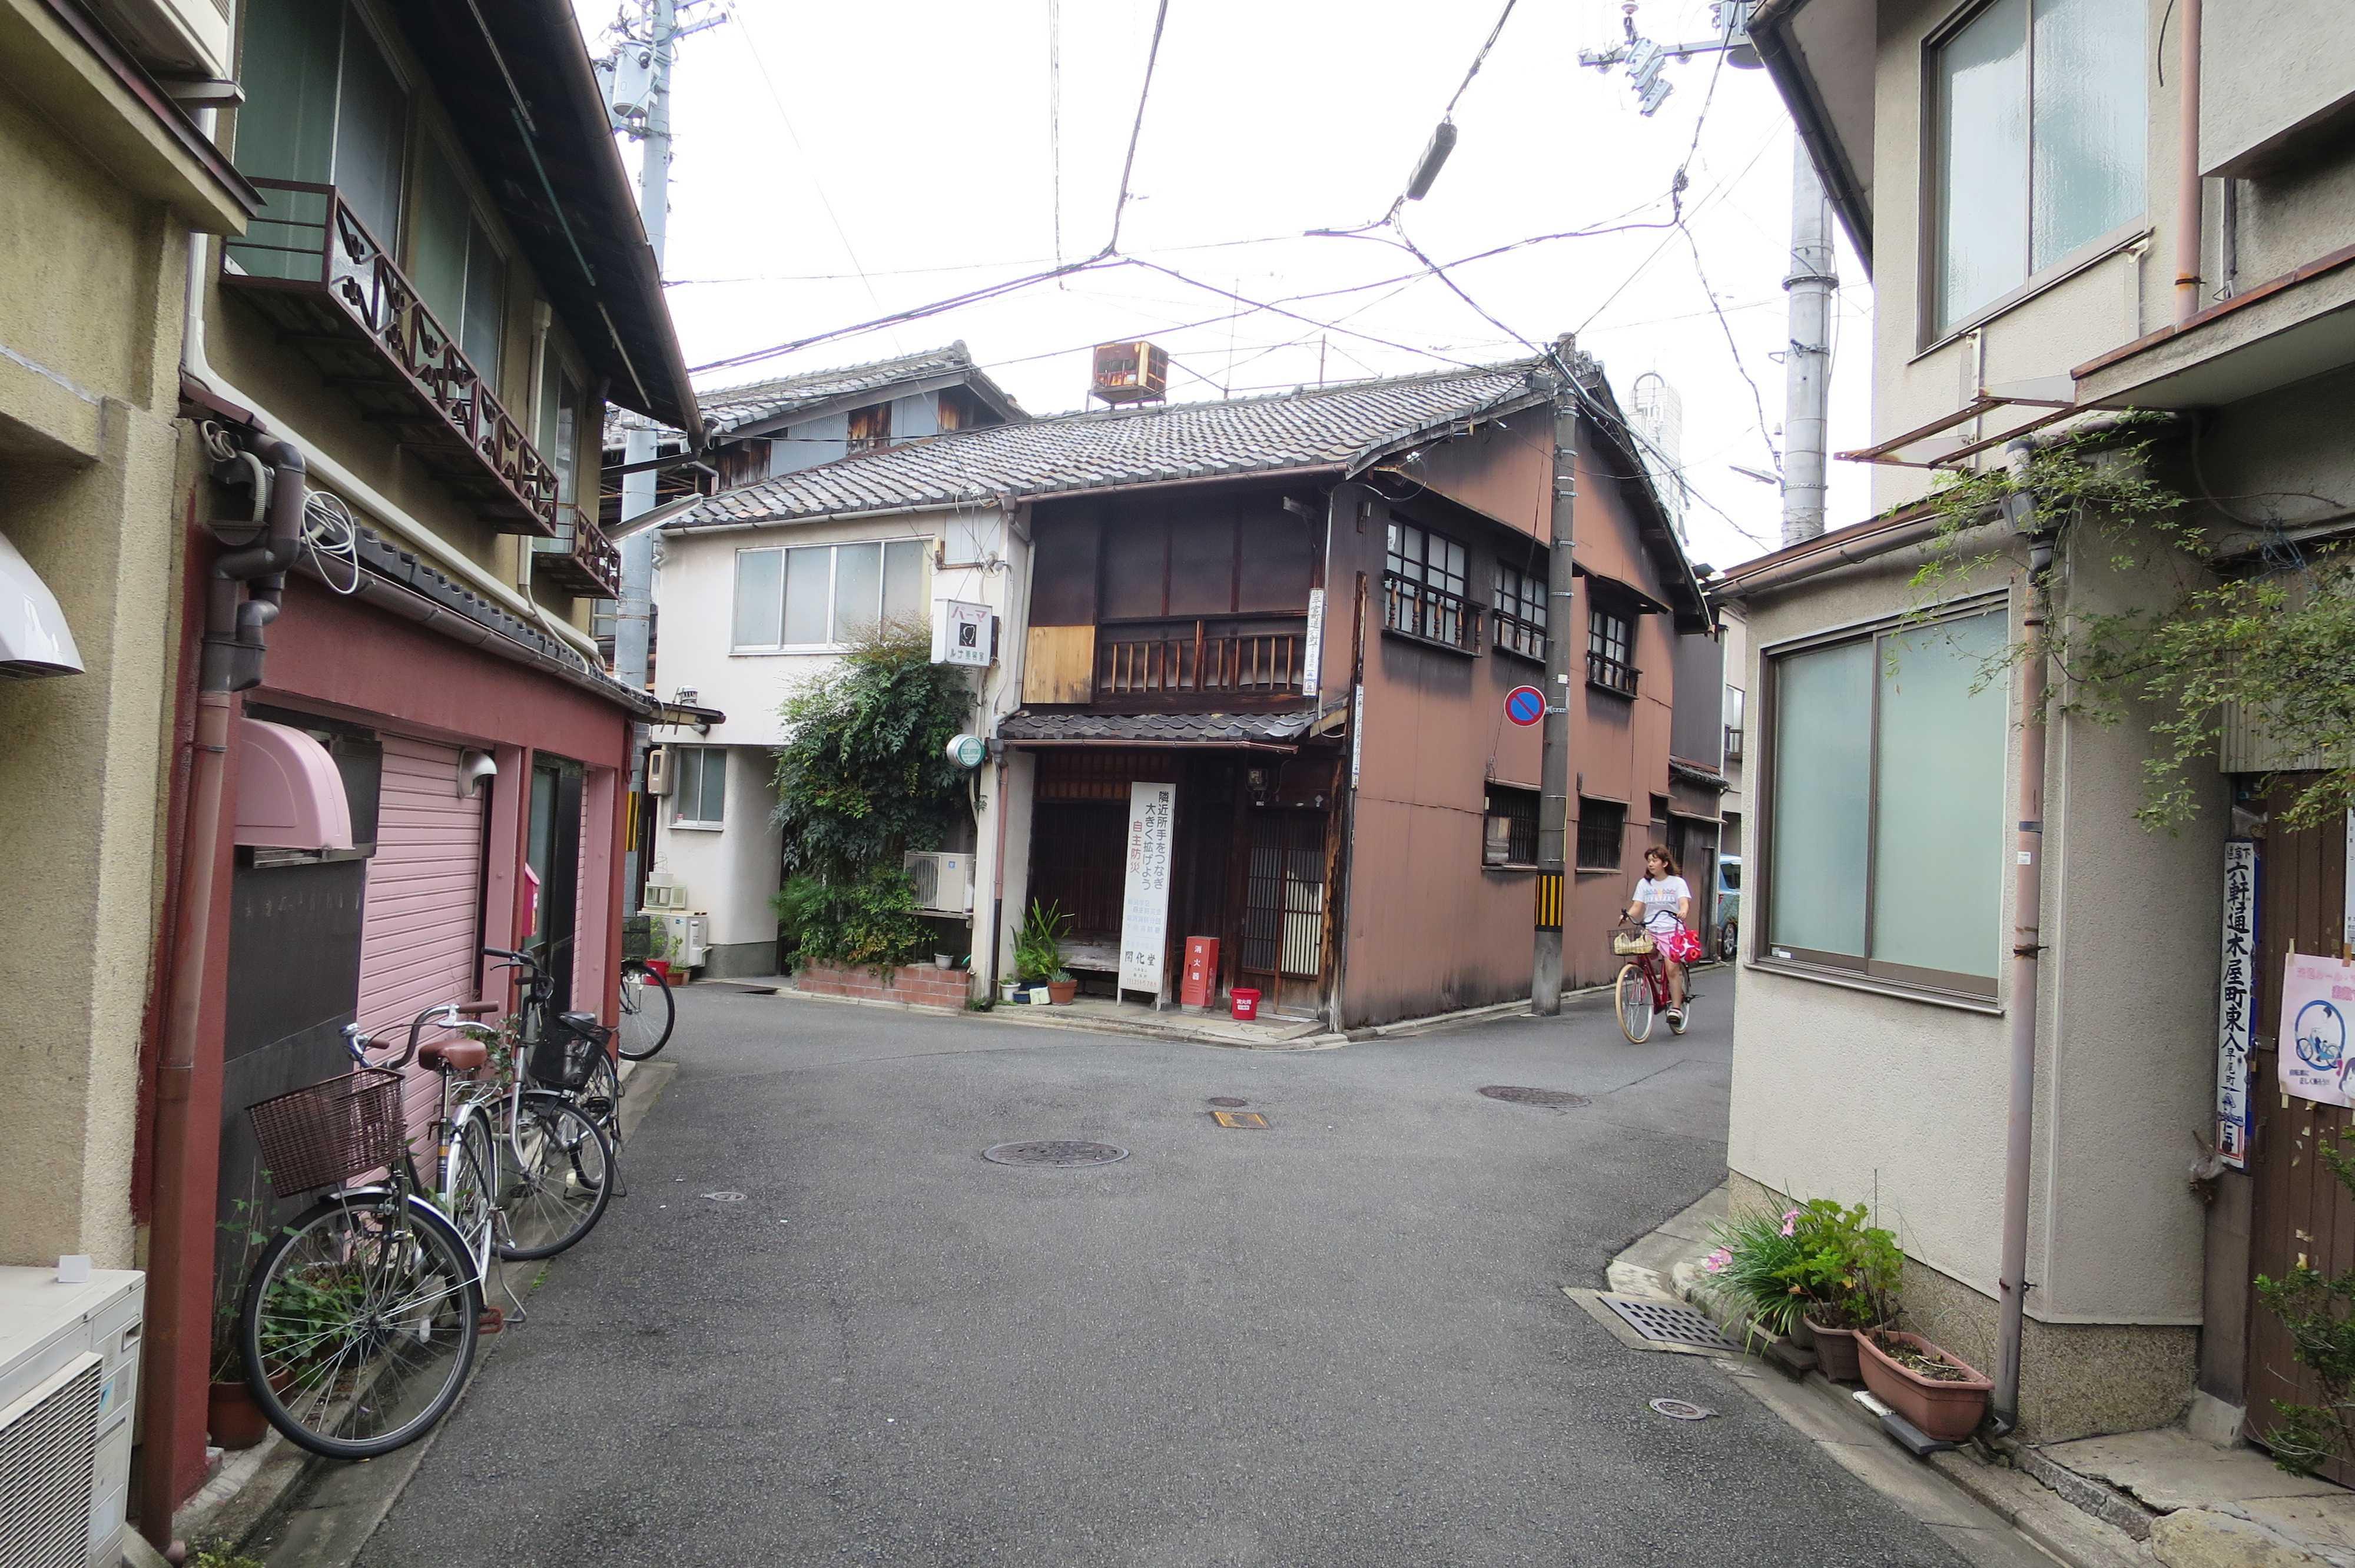 花街 - 五条楽園(京都市下京区)